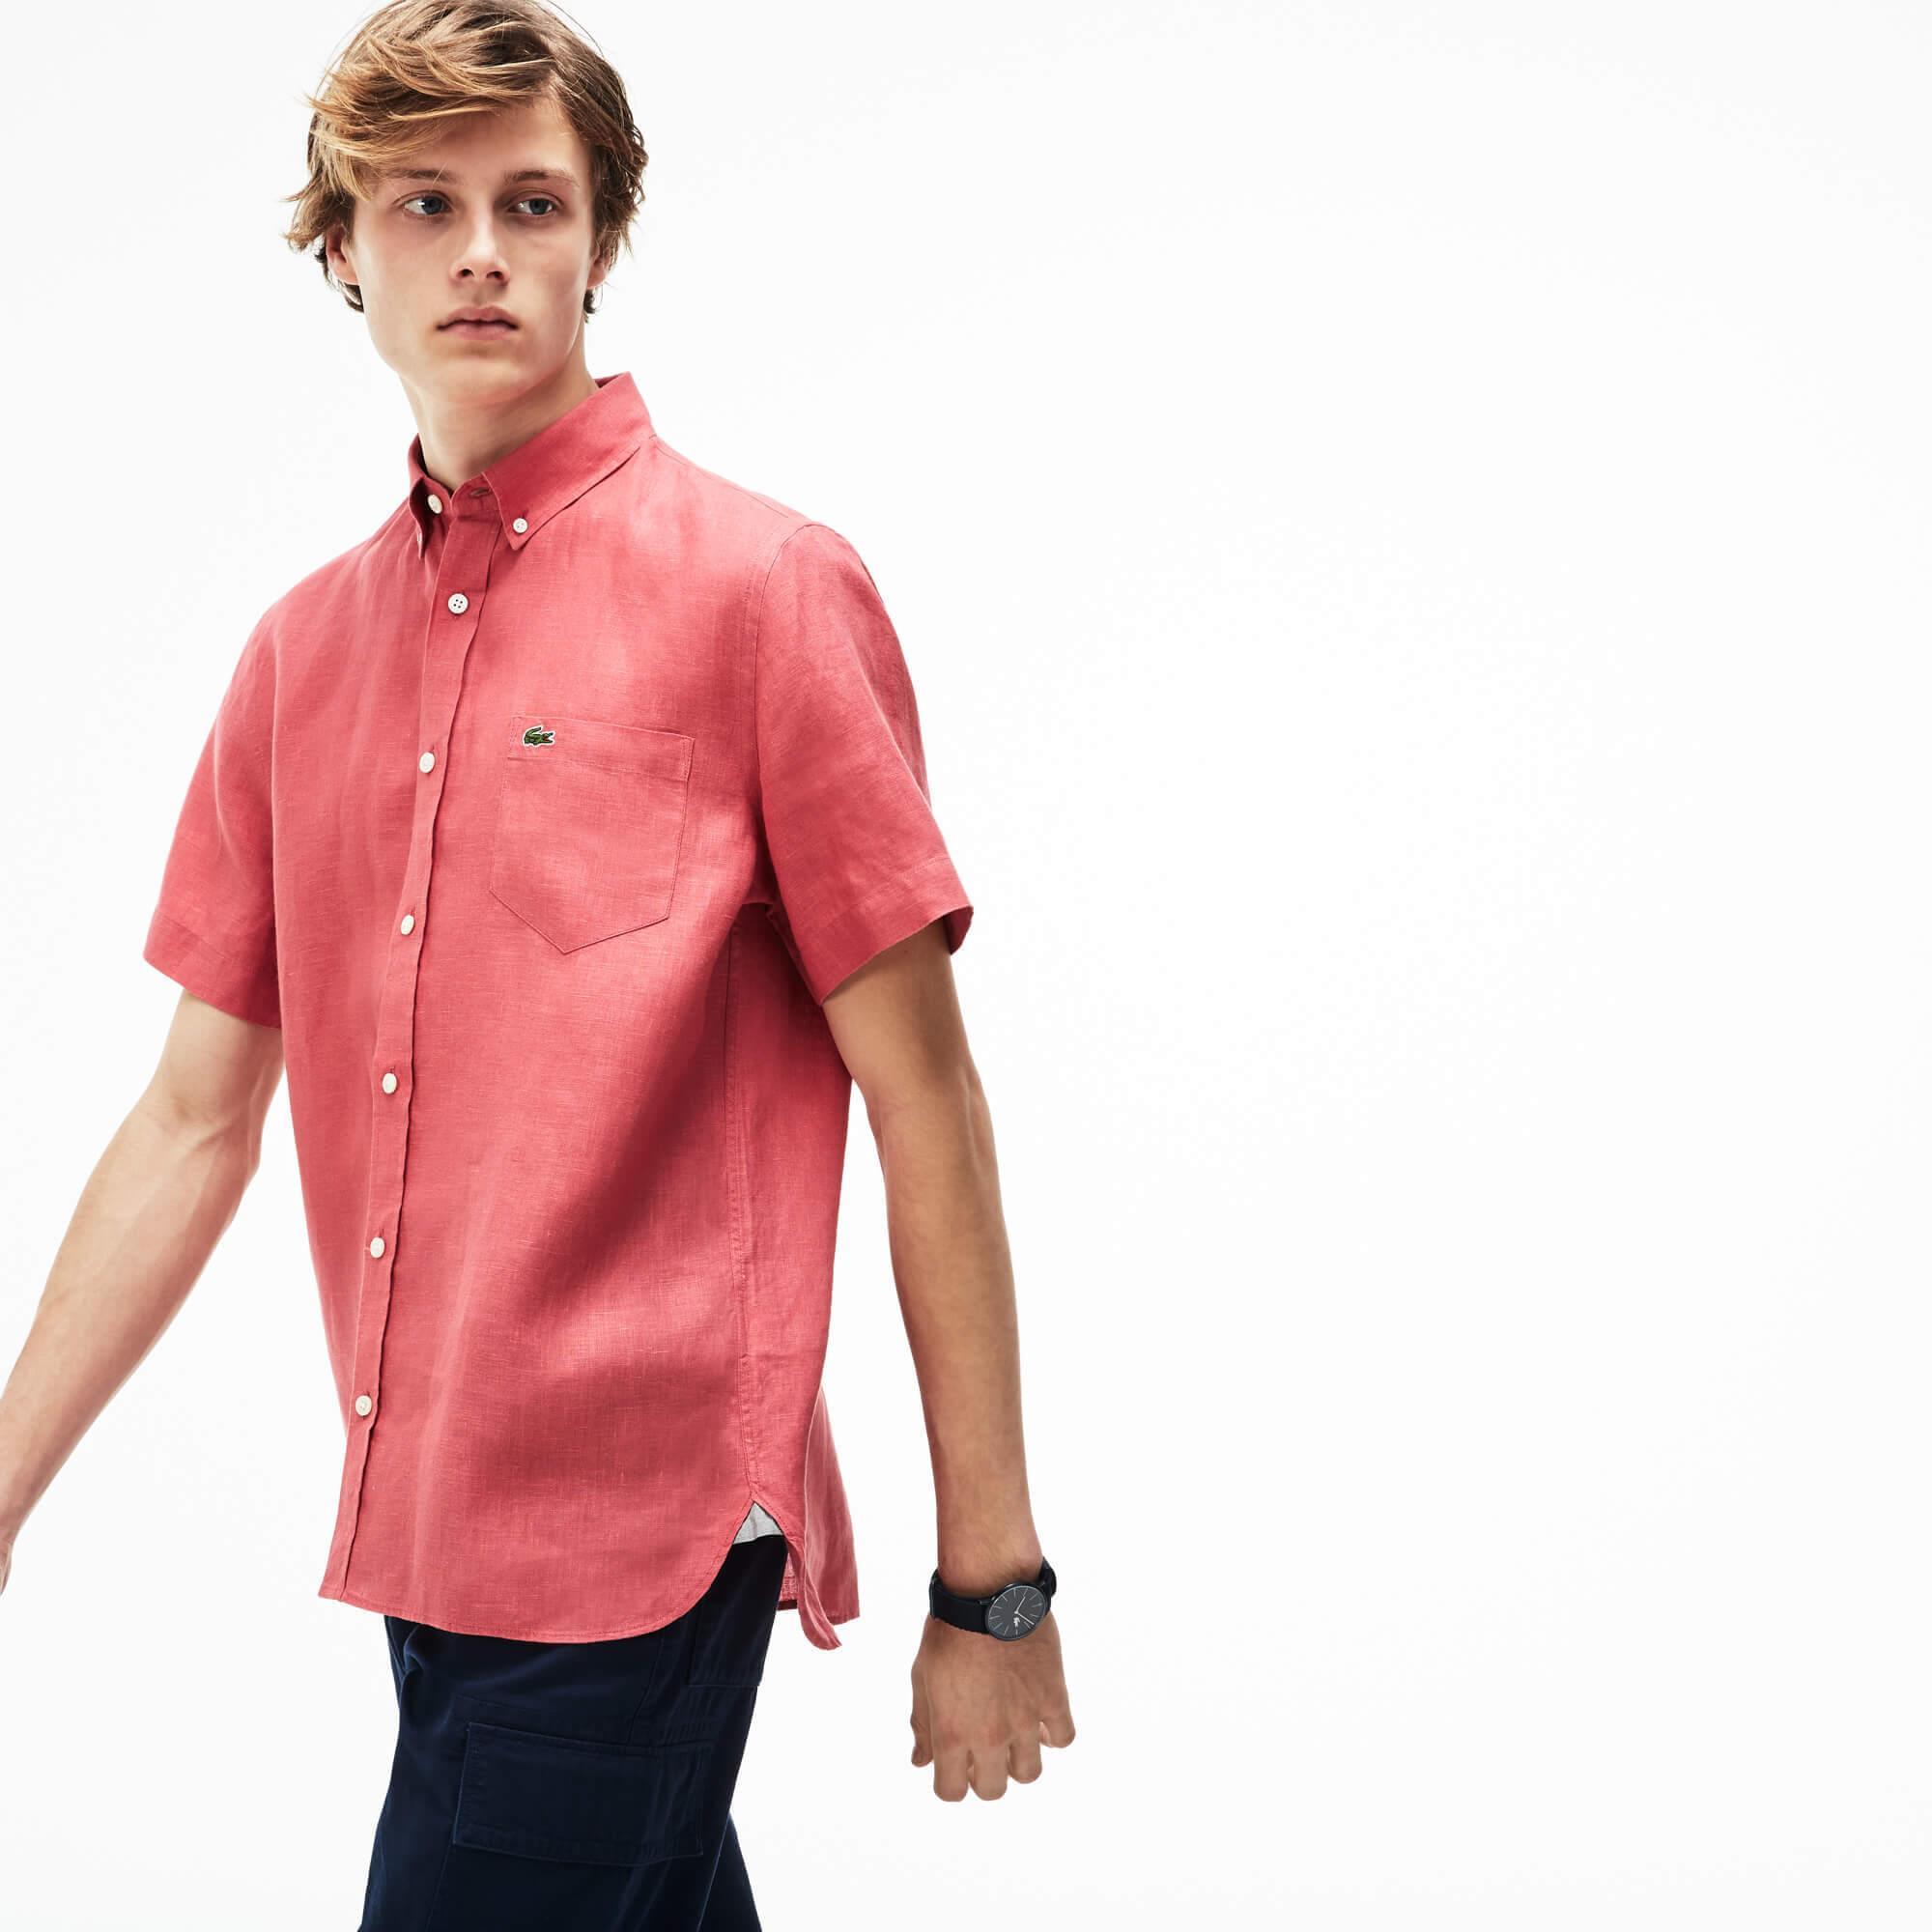 Lacoste Erkek Kırmızı Keten Gömlek